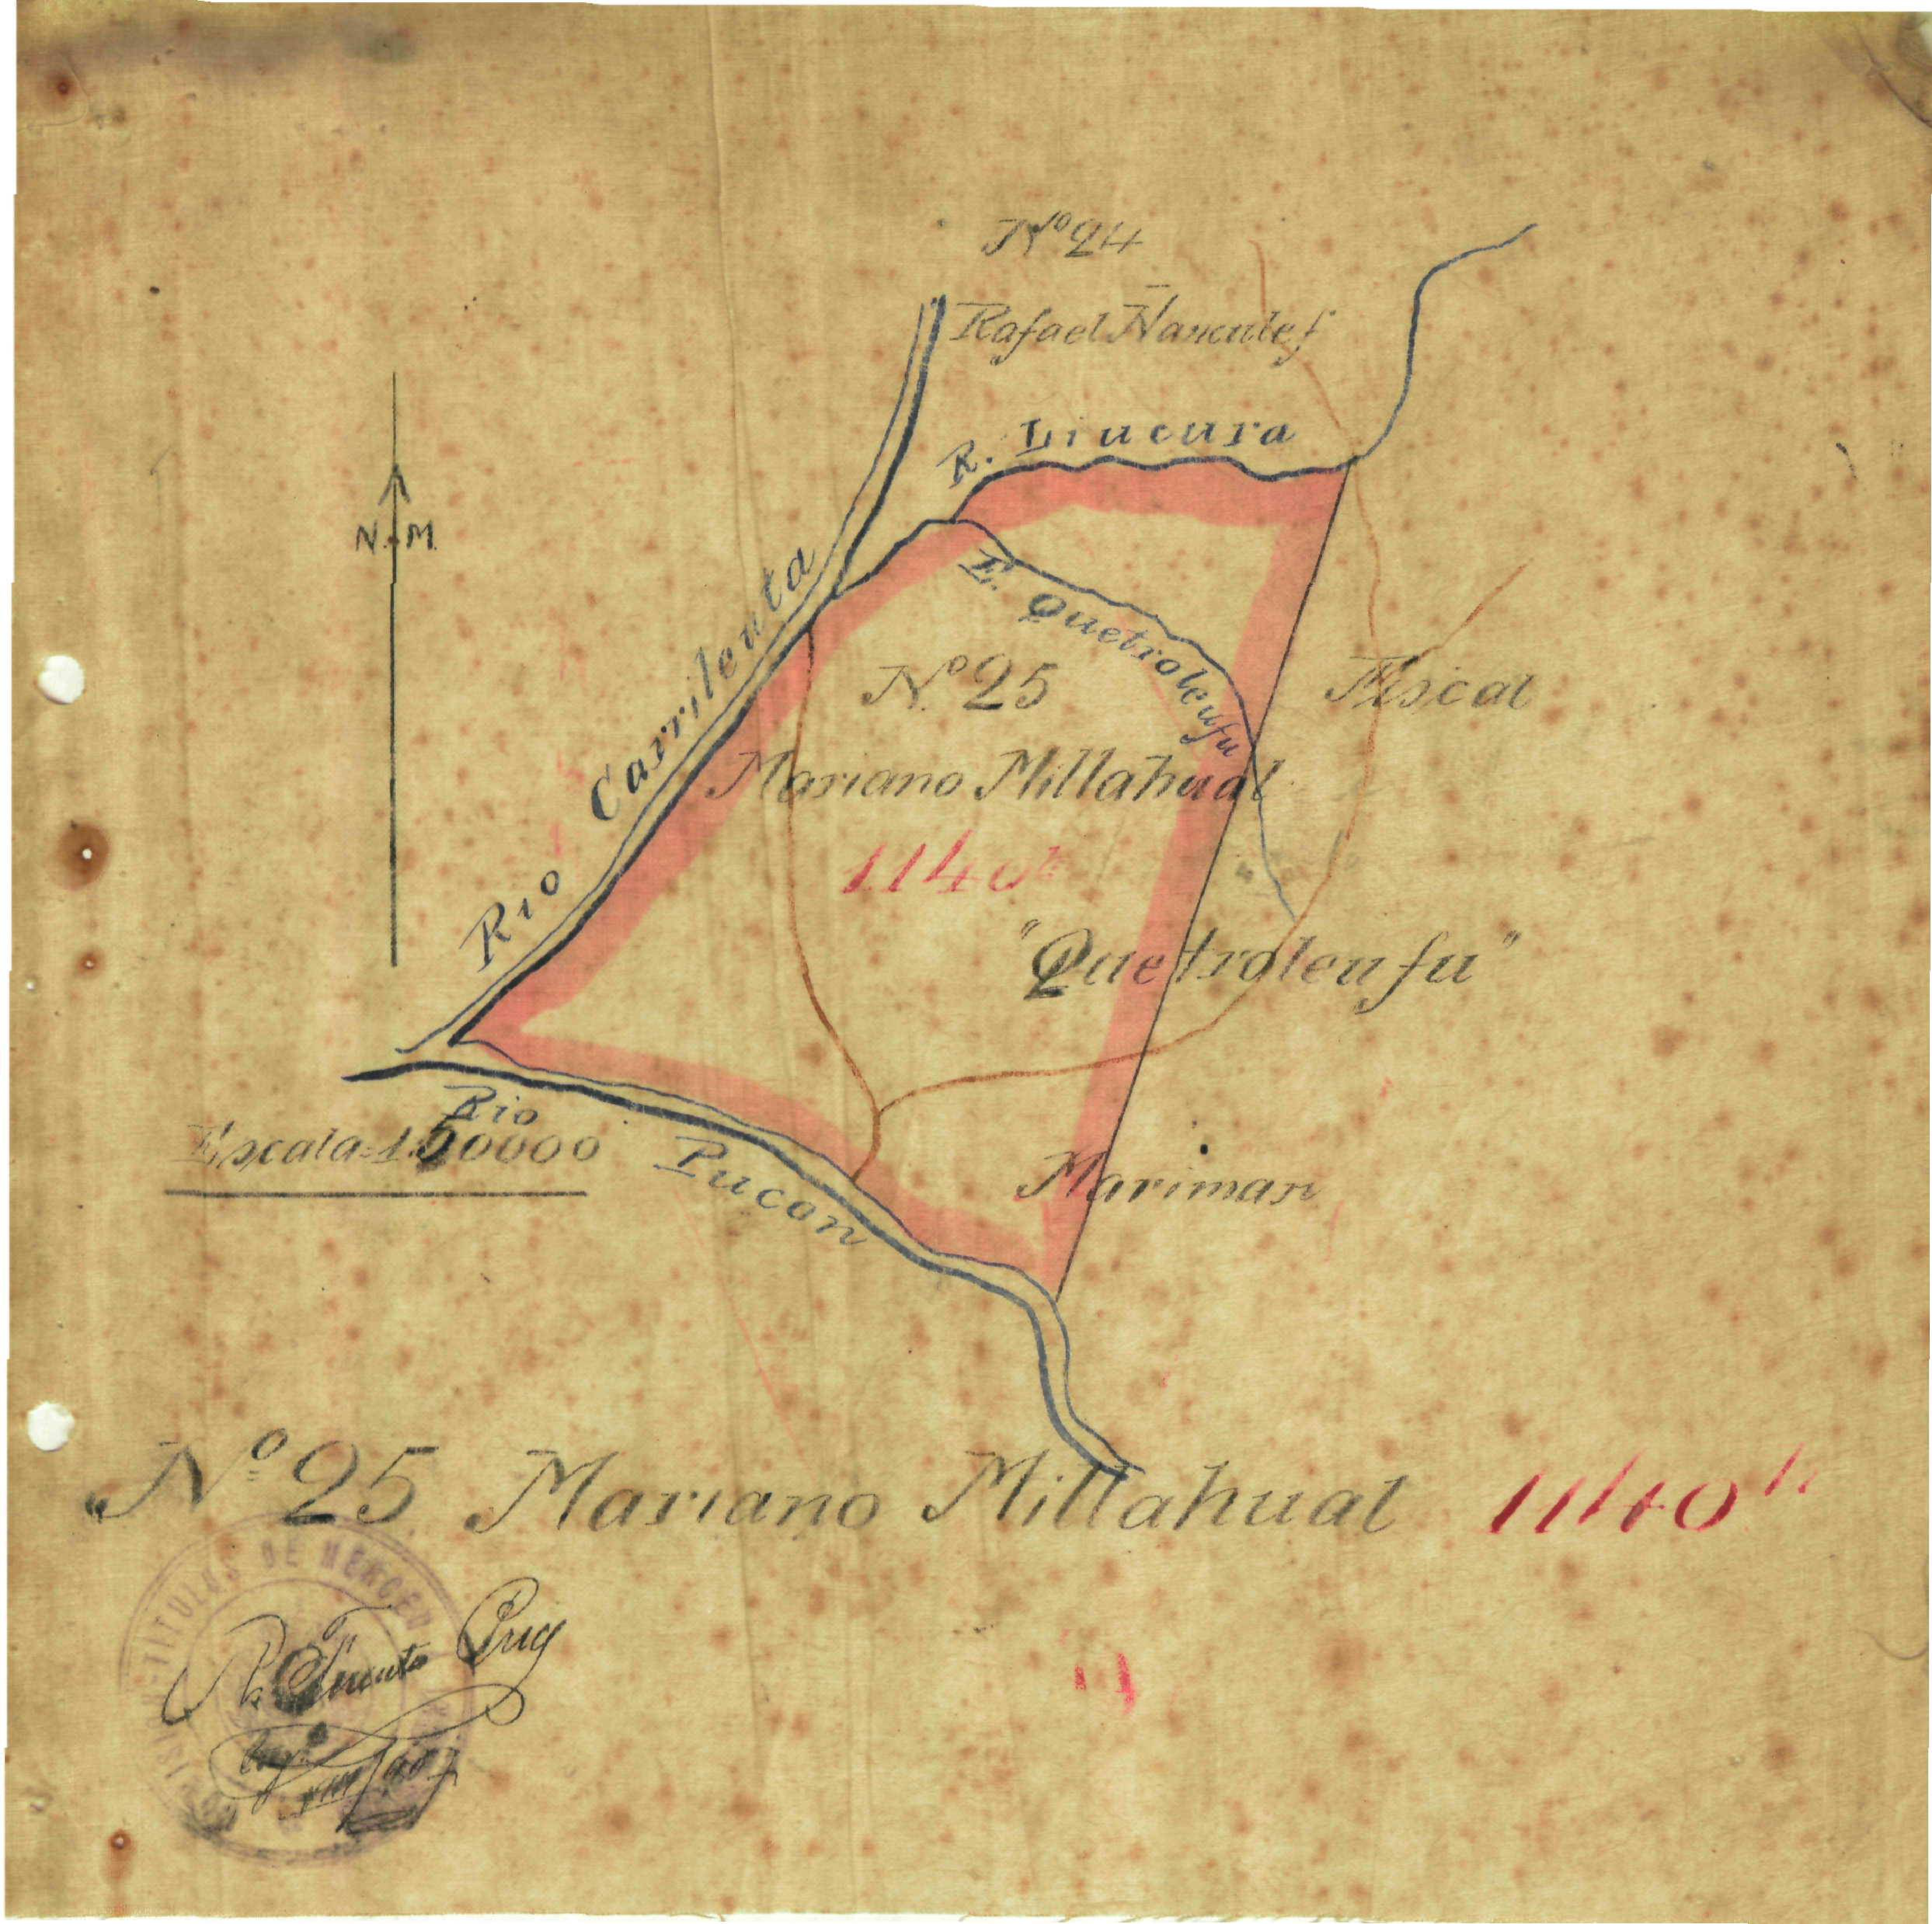 Mapa del terreno de la Comunidad Mariano Millahual en 1908 / Interferencia